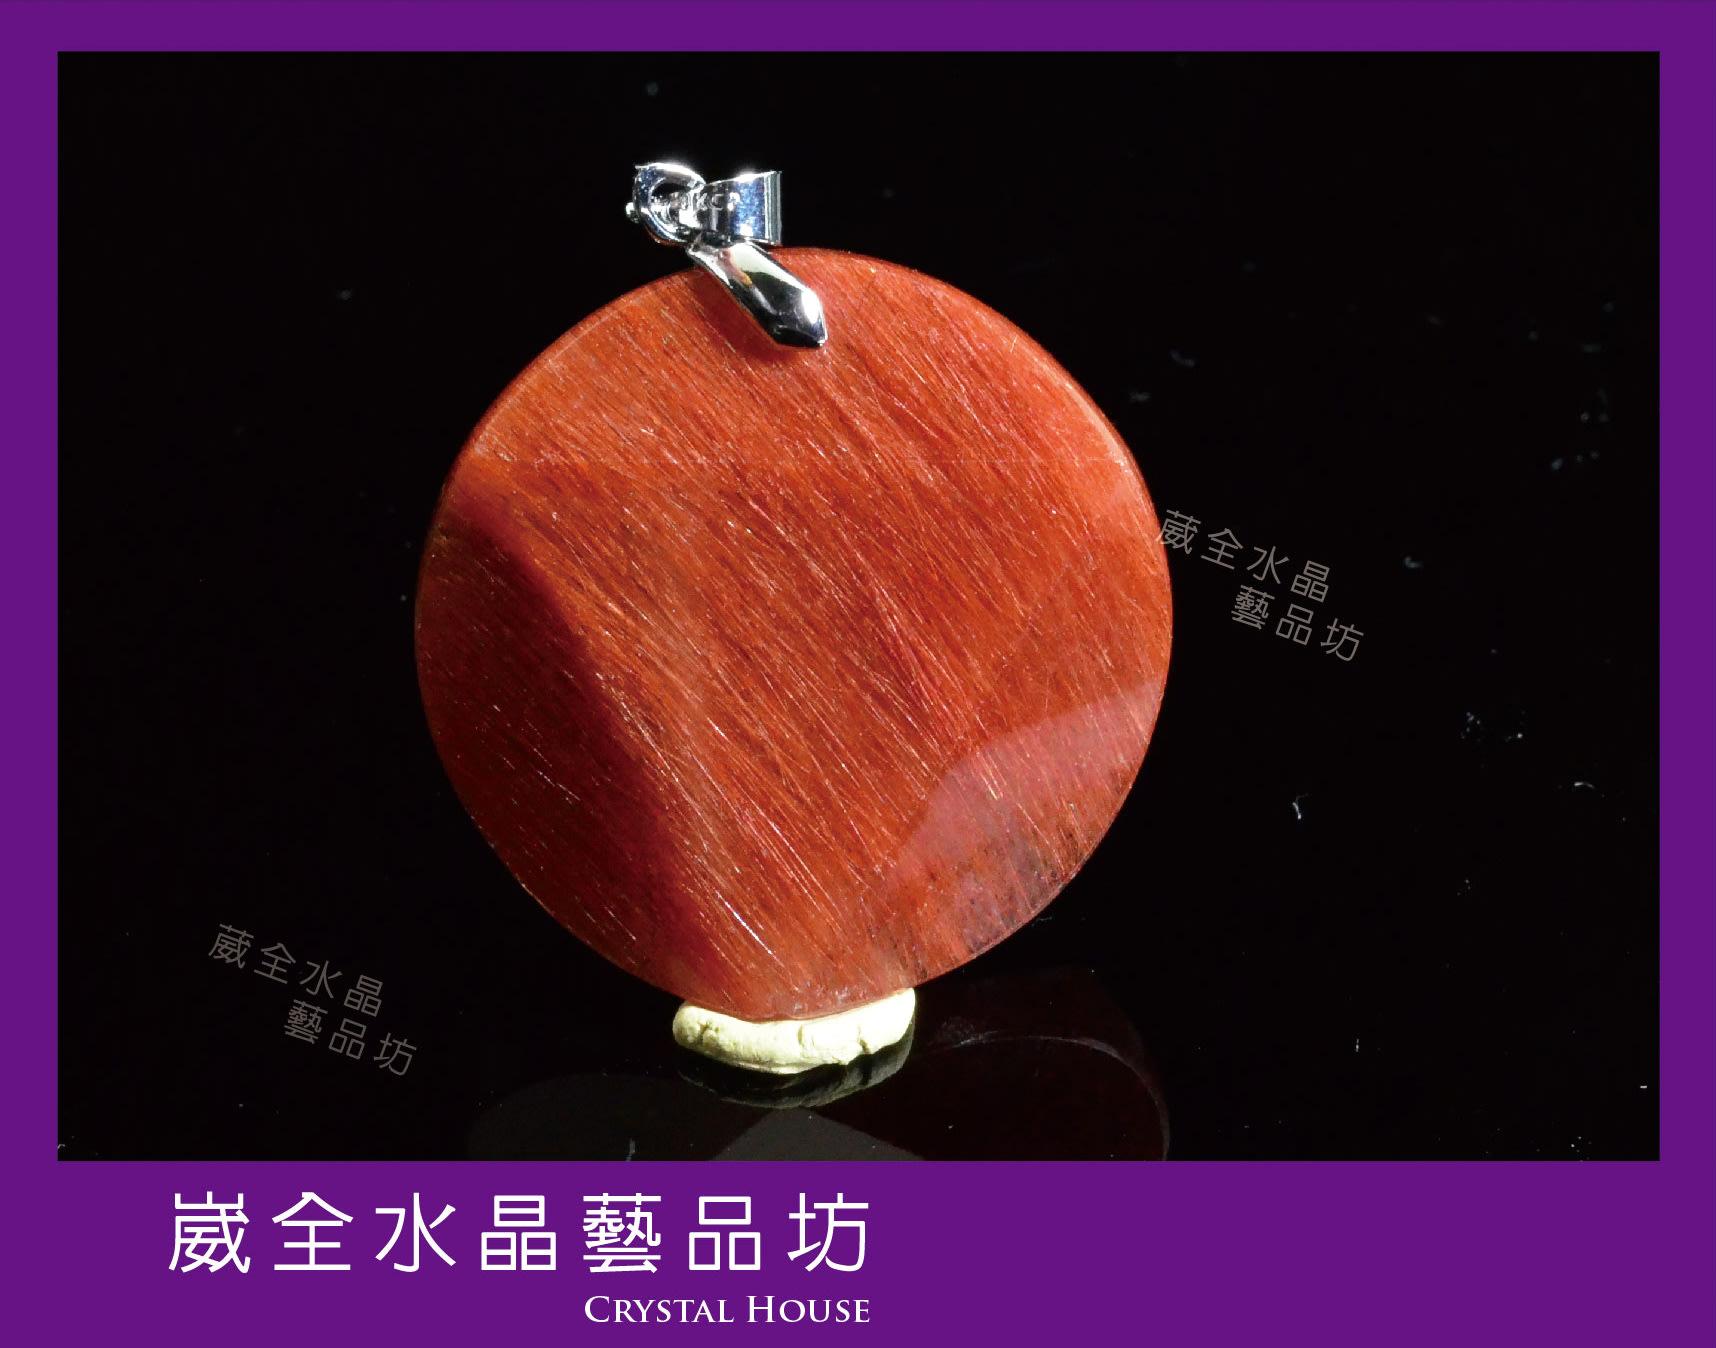 【崴全水晶】鴻運當頭  紅髮晶 ⭐大衛星⭐ 墜子 【含墜頭11 g】 事業、招財